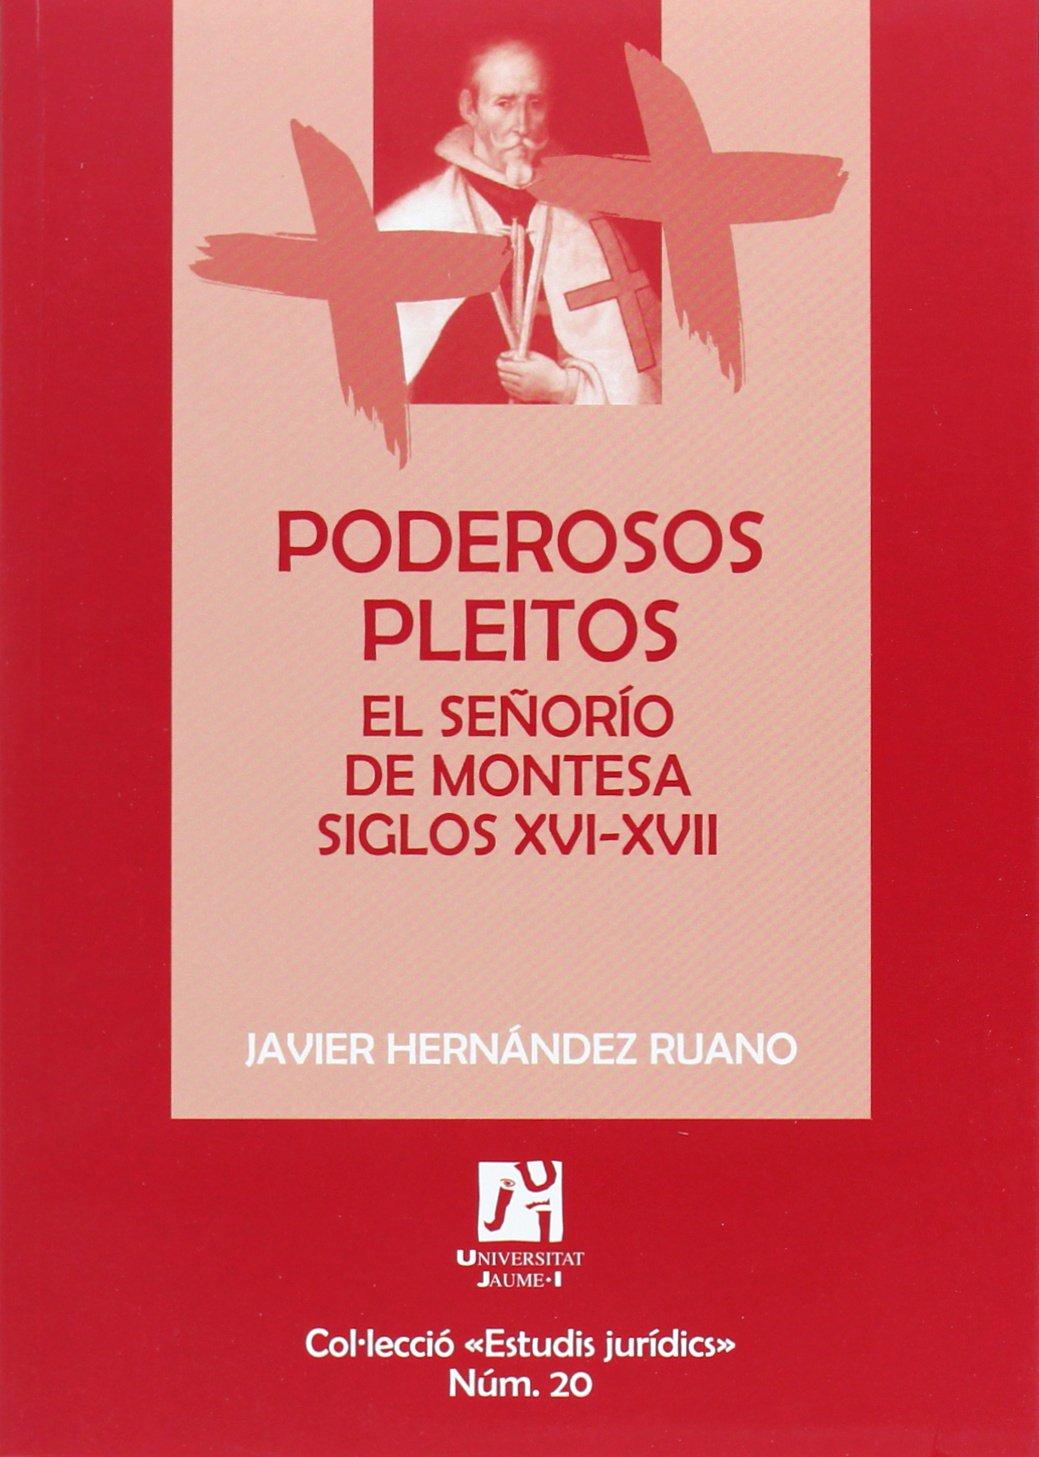 Poderosos pleitos: el señorío de Montesa siglos XVI-XVII PDF